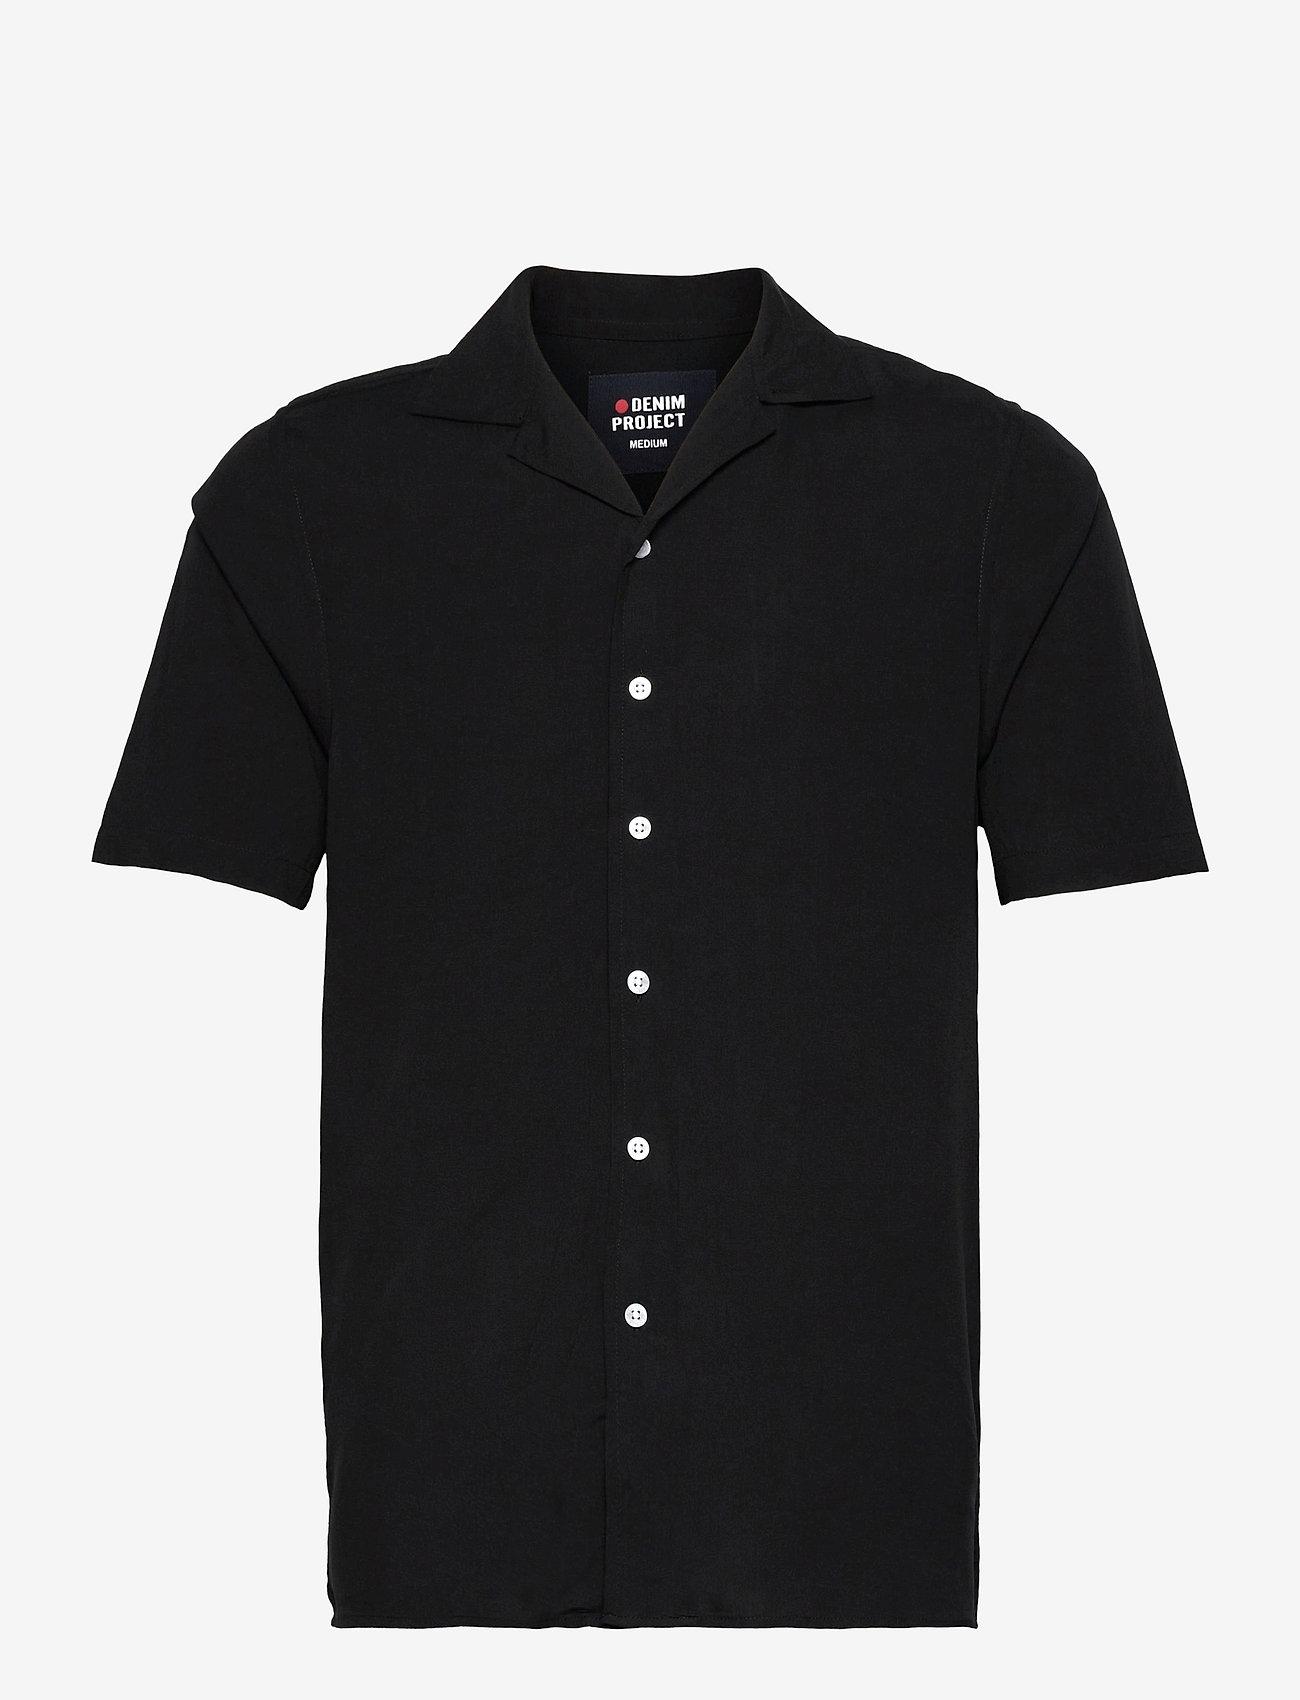 Denim project - EL G SS CUBA SHIRT - kortærmede skjorter - 001 black - 0